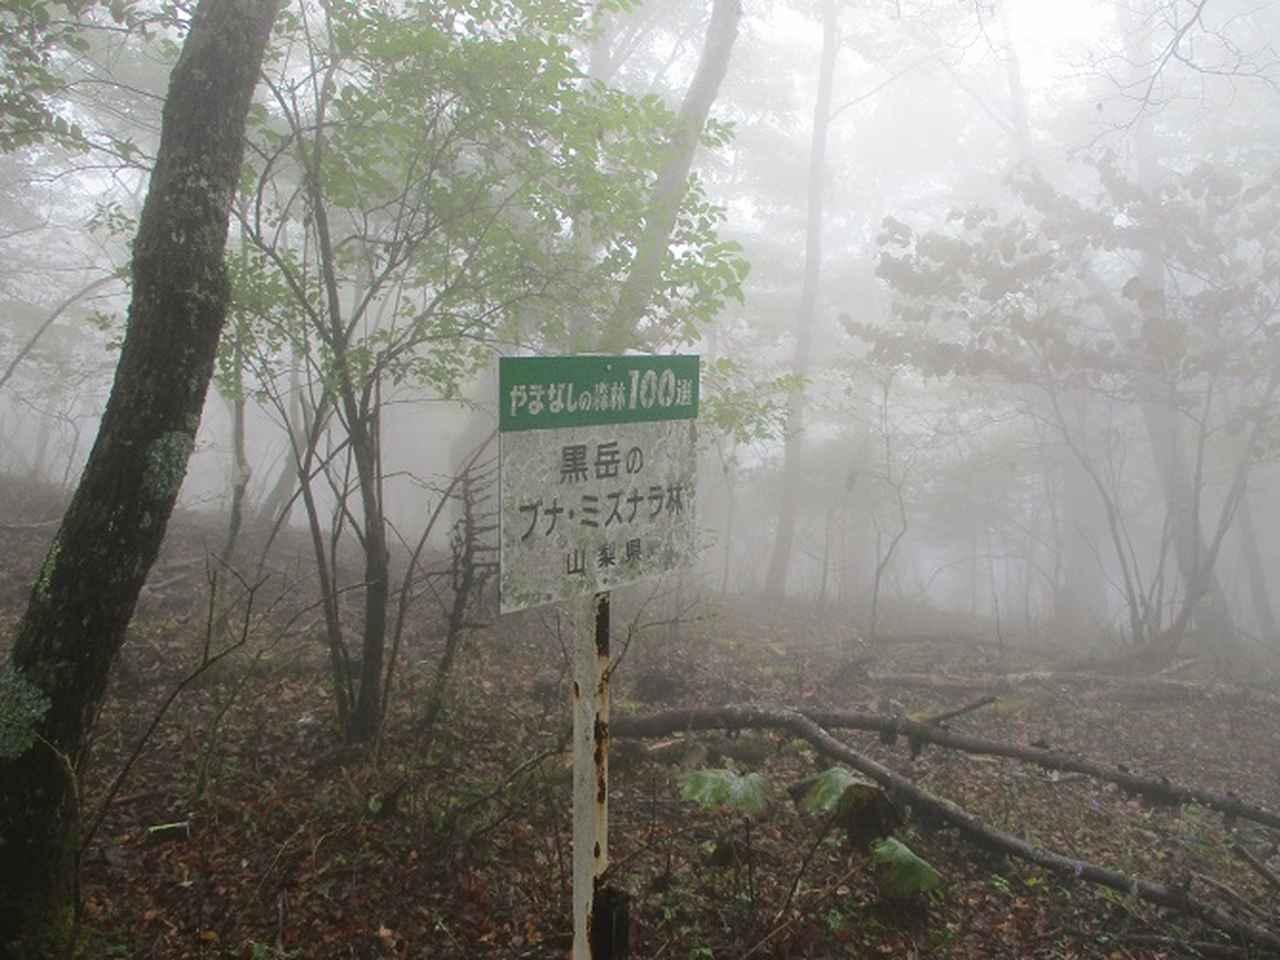 画像5: 10月の山旅会 「御坂黒岳」 ツアーの下見に行ってきました!